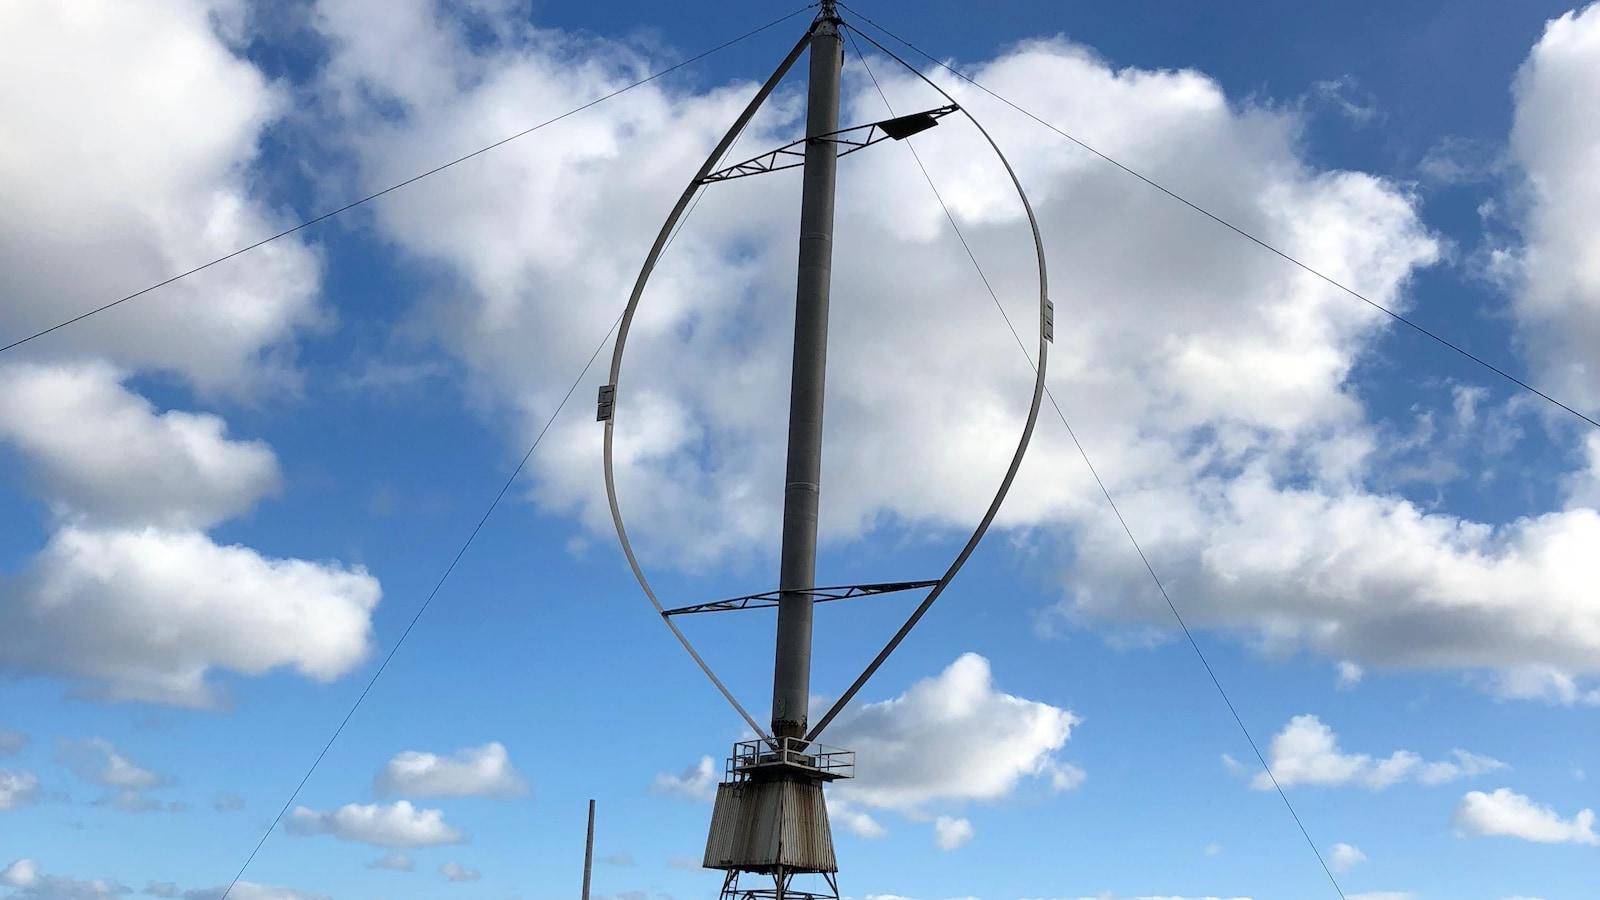 L'éolienne du site de la Cormorandière, à Havre-aux-Maisons